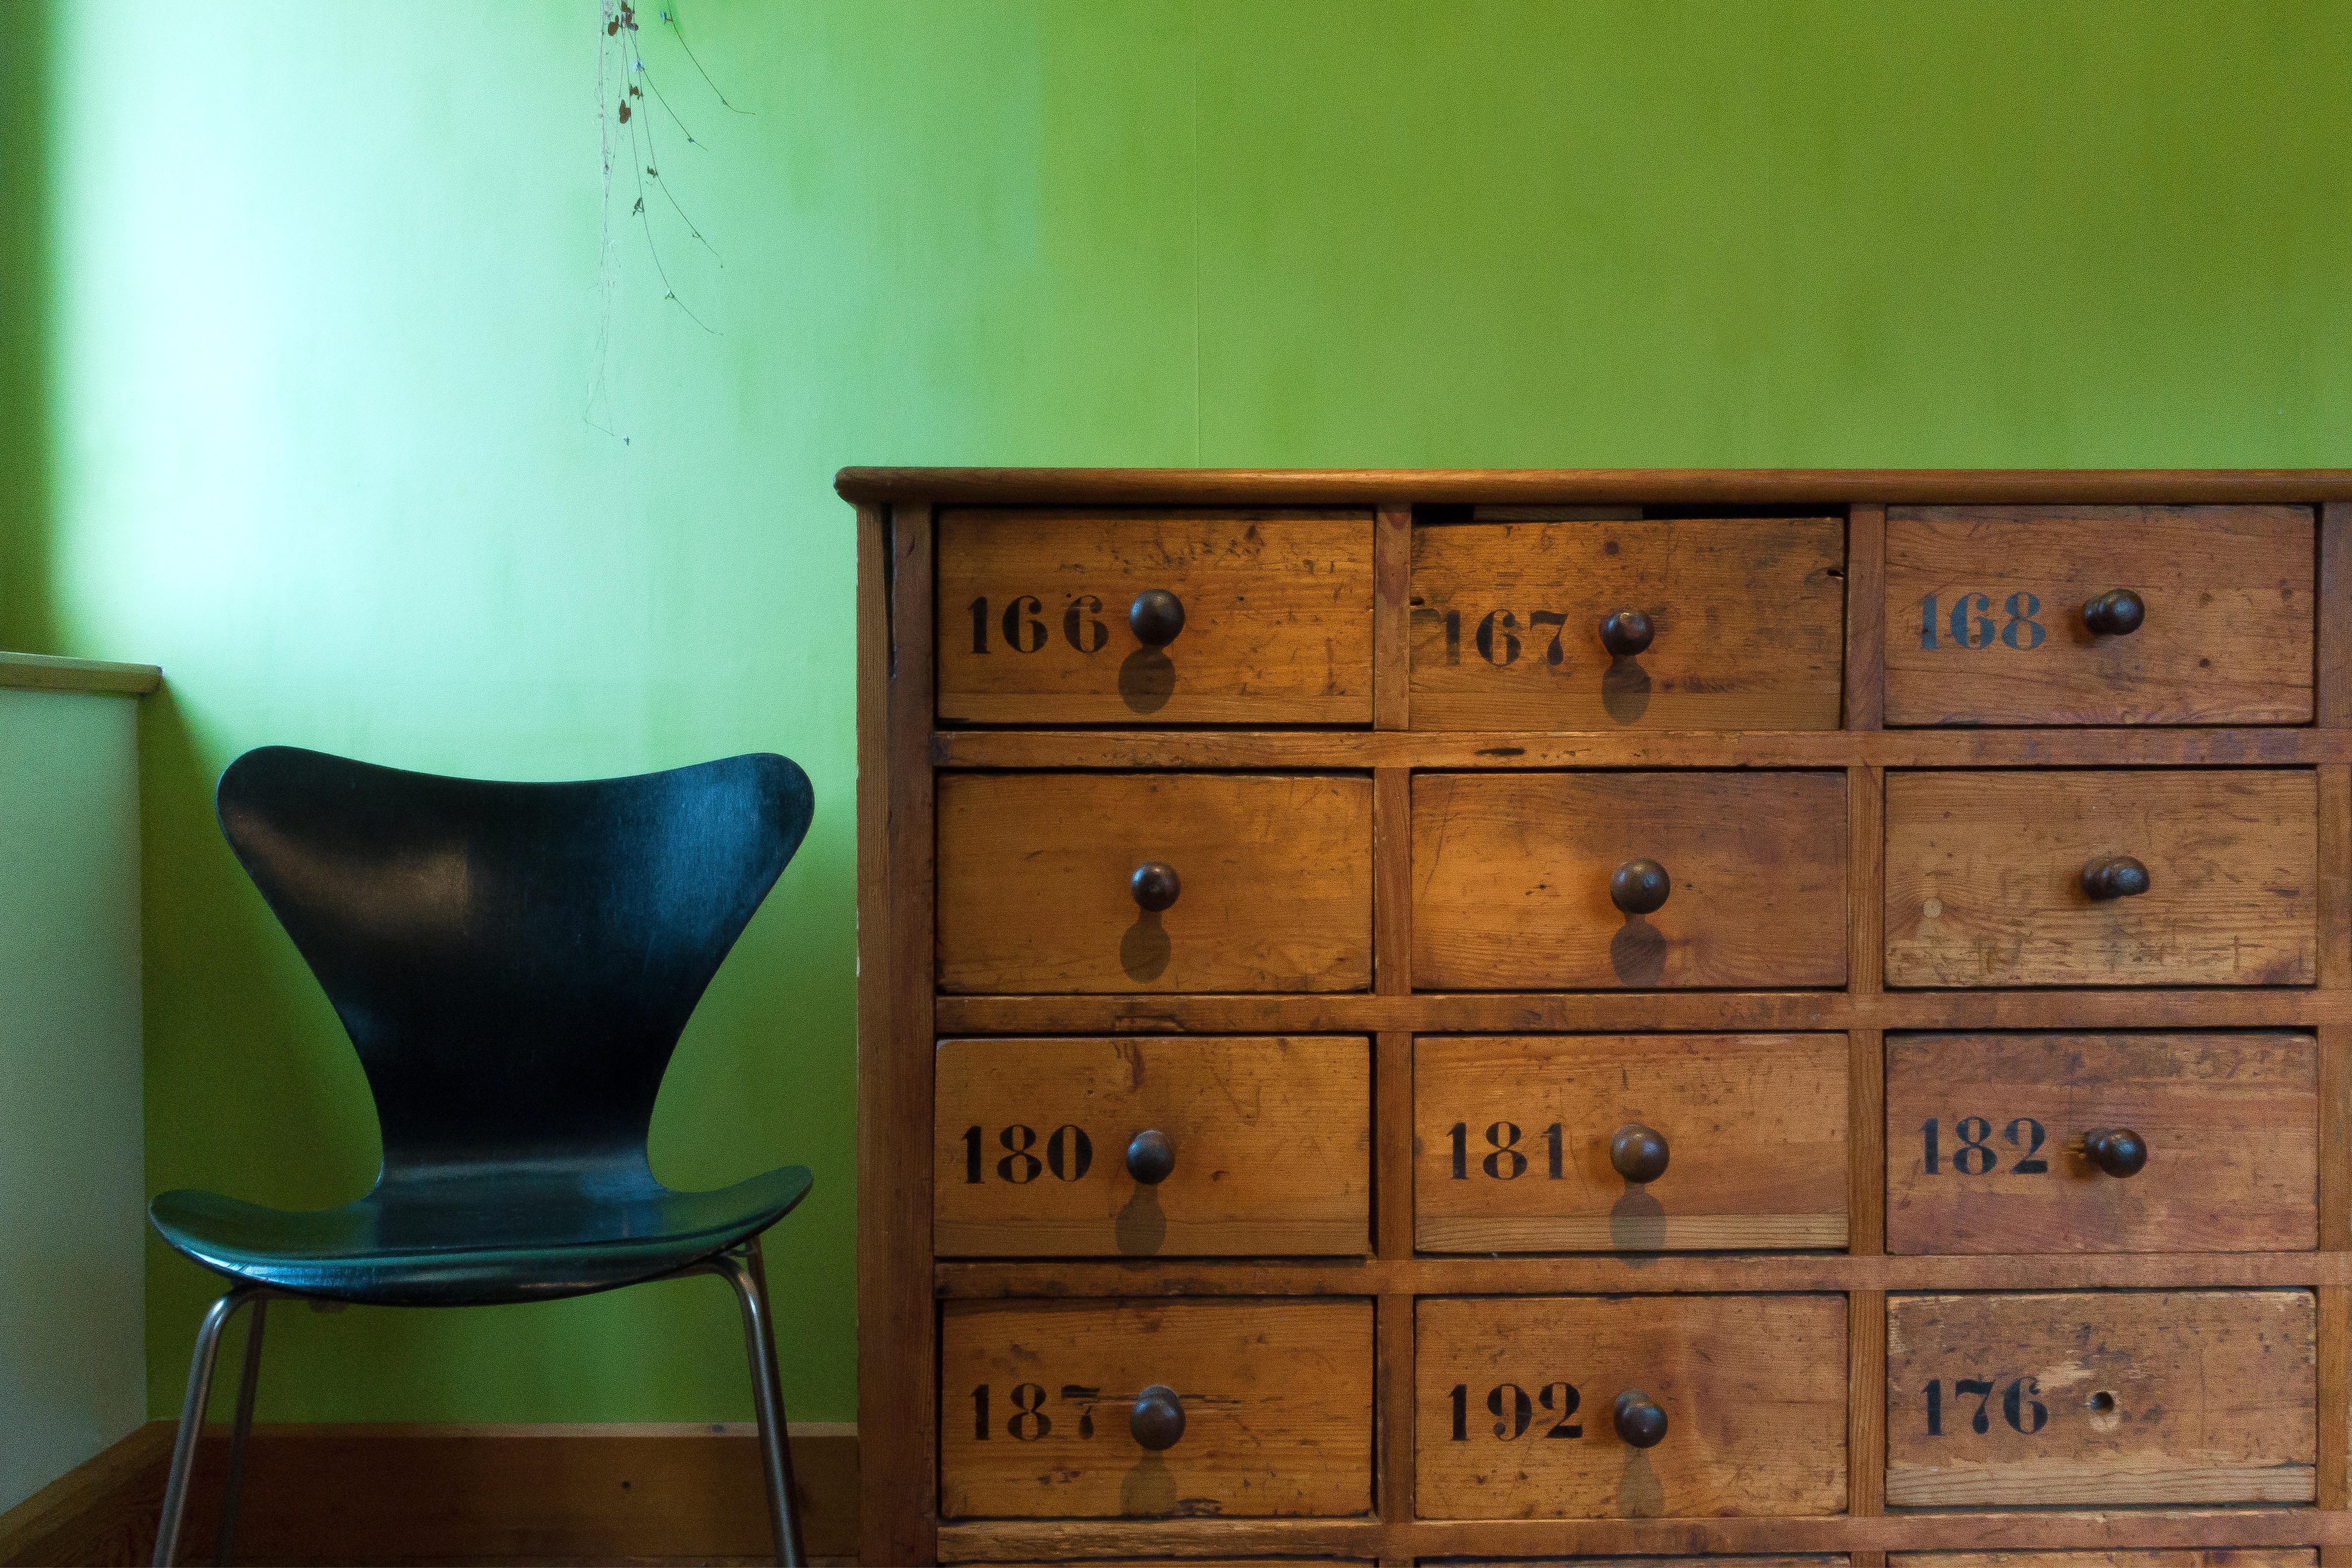 Fotos gratis : antiguo, silla, número, verde, espacio, negro, mueble ...